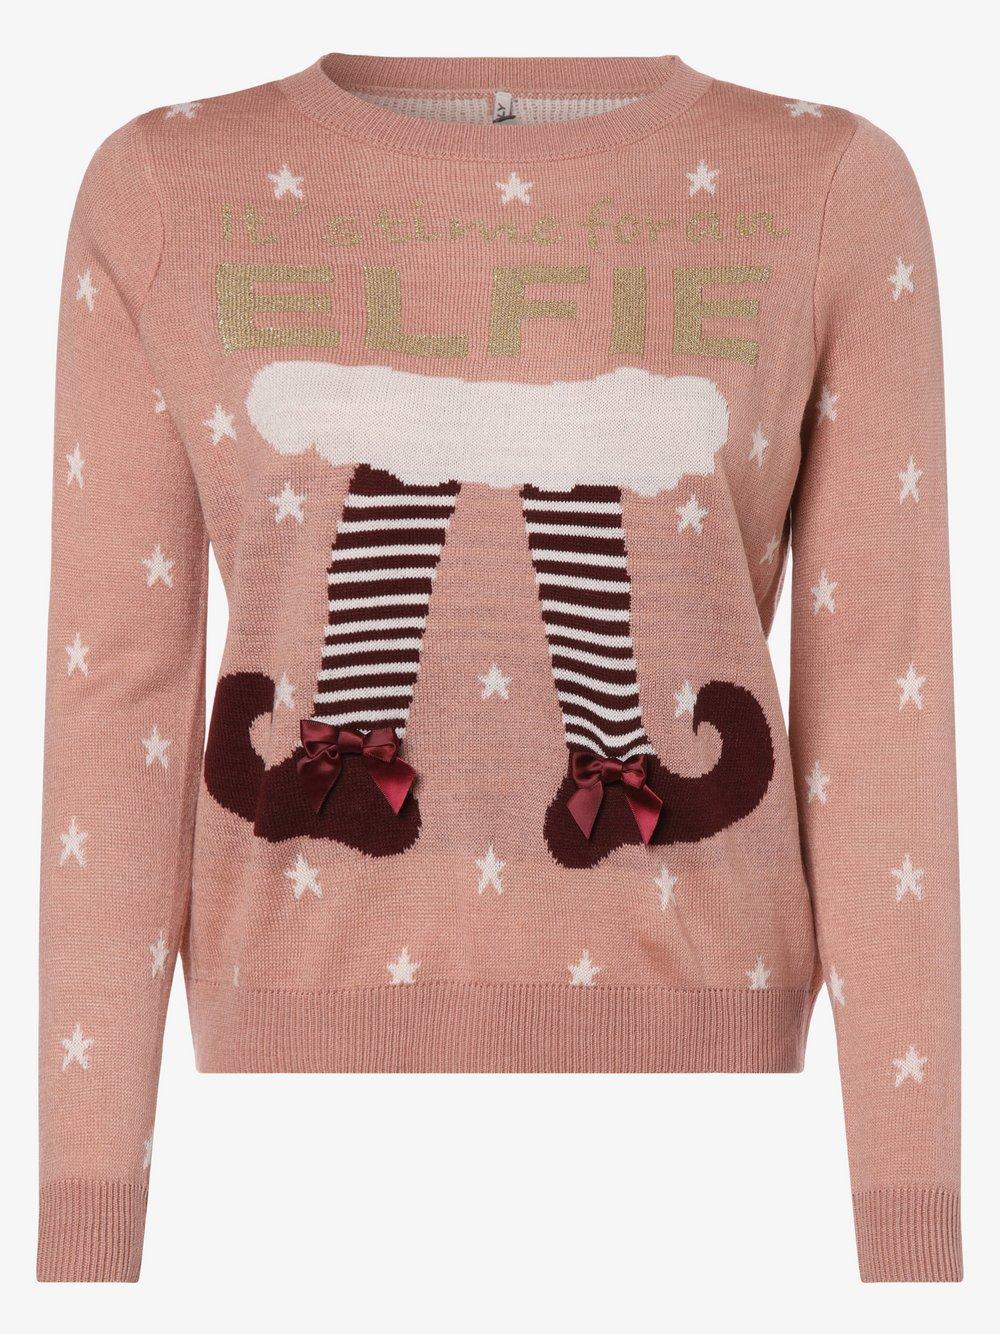 ONLY - Sweter damski – Onlelfie Time, różowy